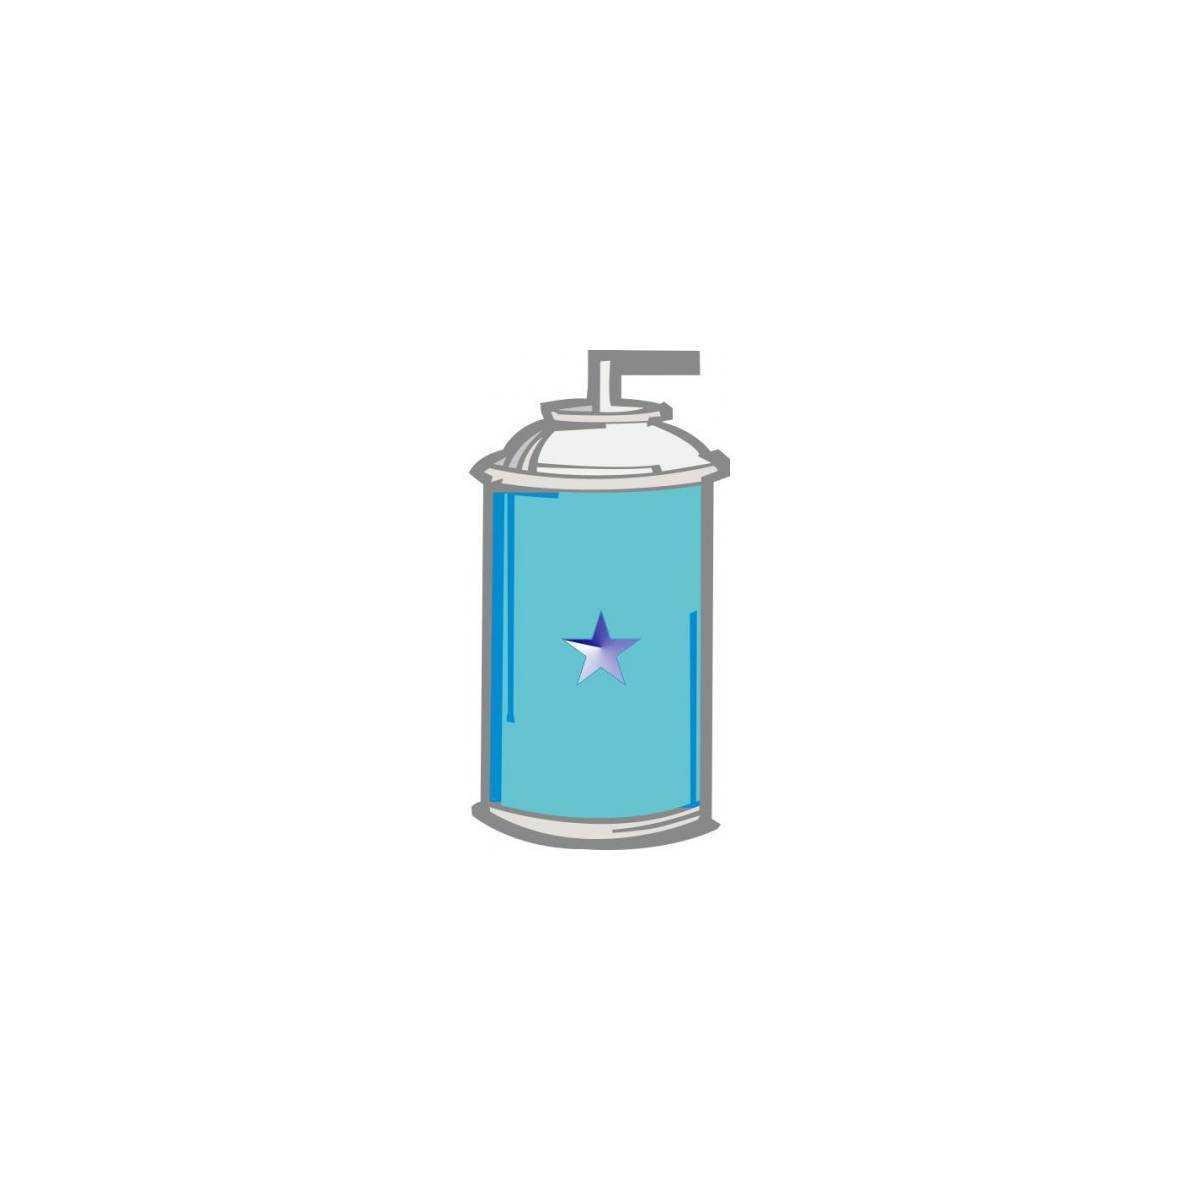 Аэрозольный баллончик 250мл, Греция (EMOTIONS) 12-04-0035 Атма